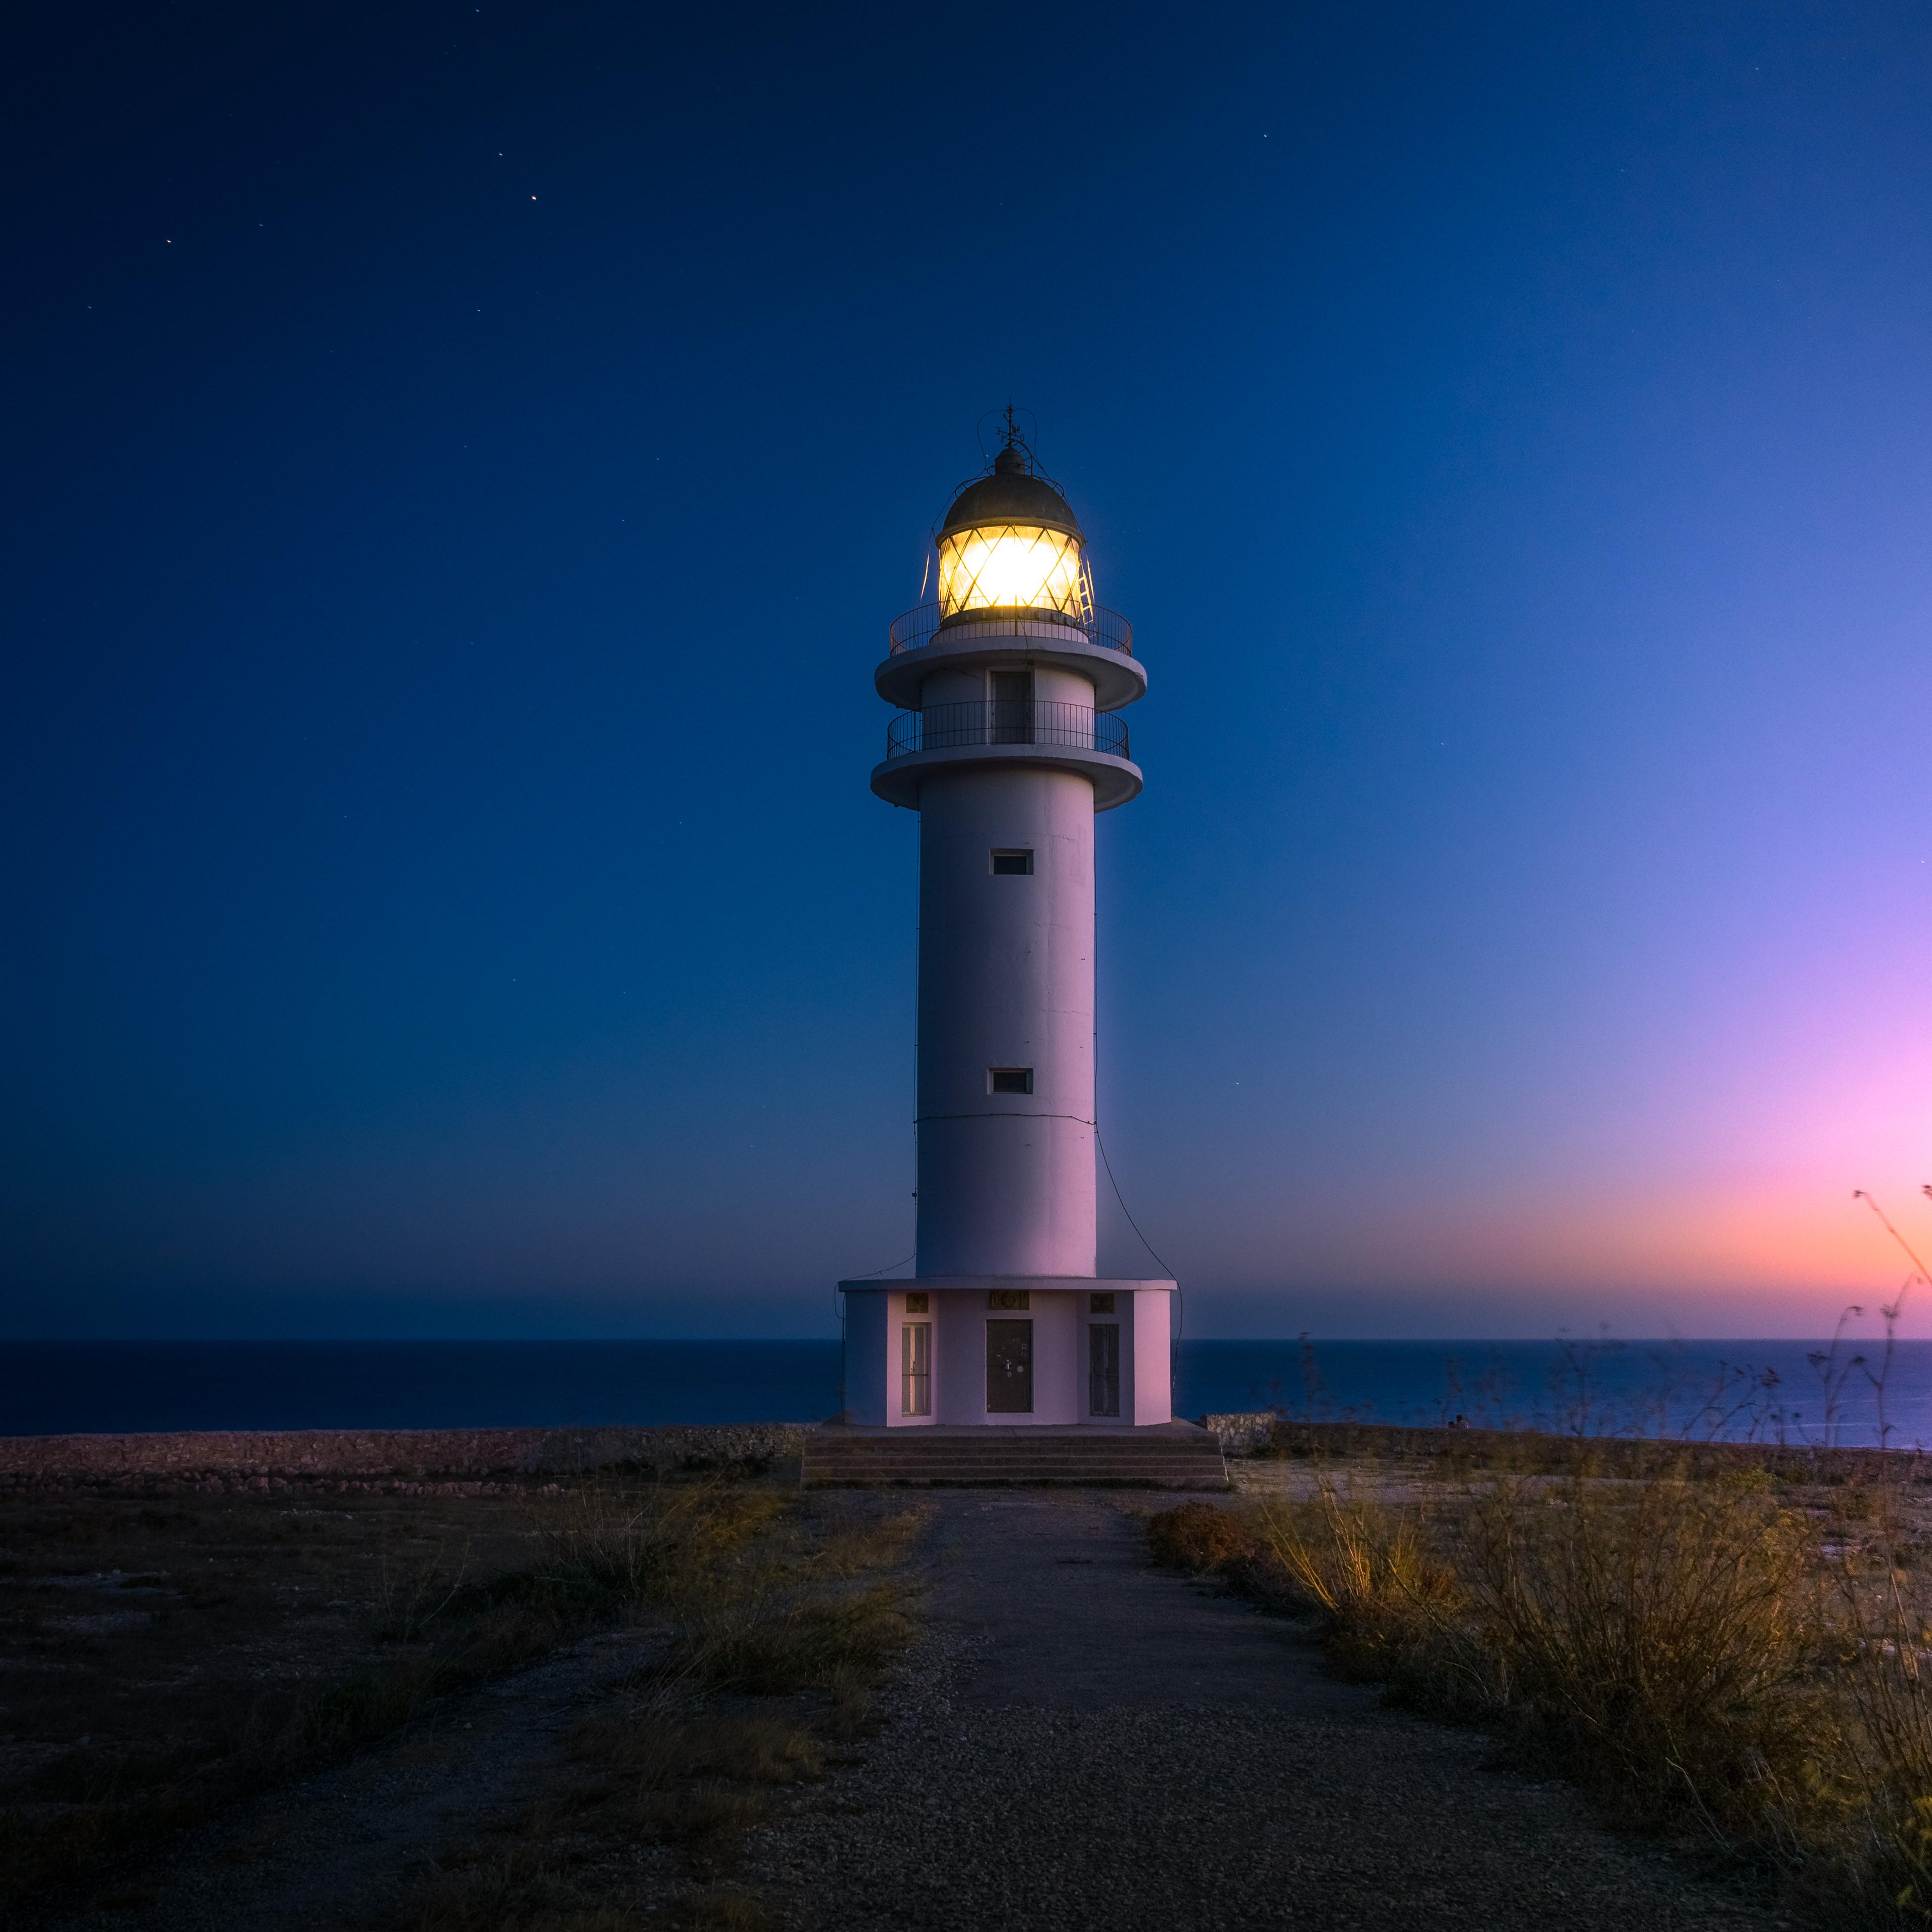 รูปภาพ : ชายหาด, ชายฝั่ง, น้ำ, มหาสมุทร, ขอบฟ้า, เบา